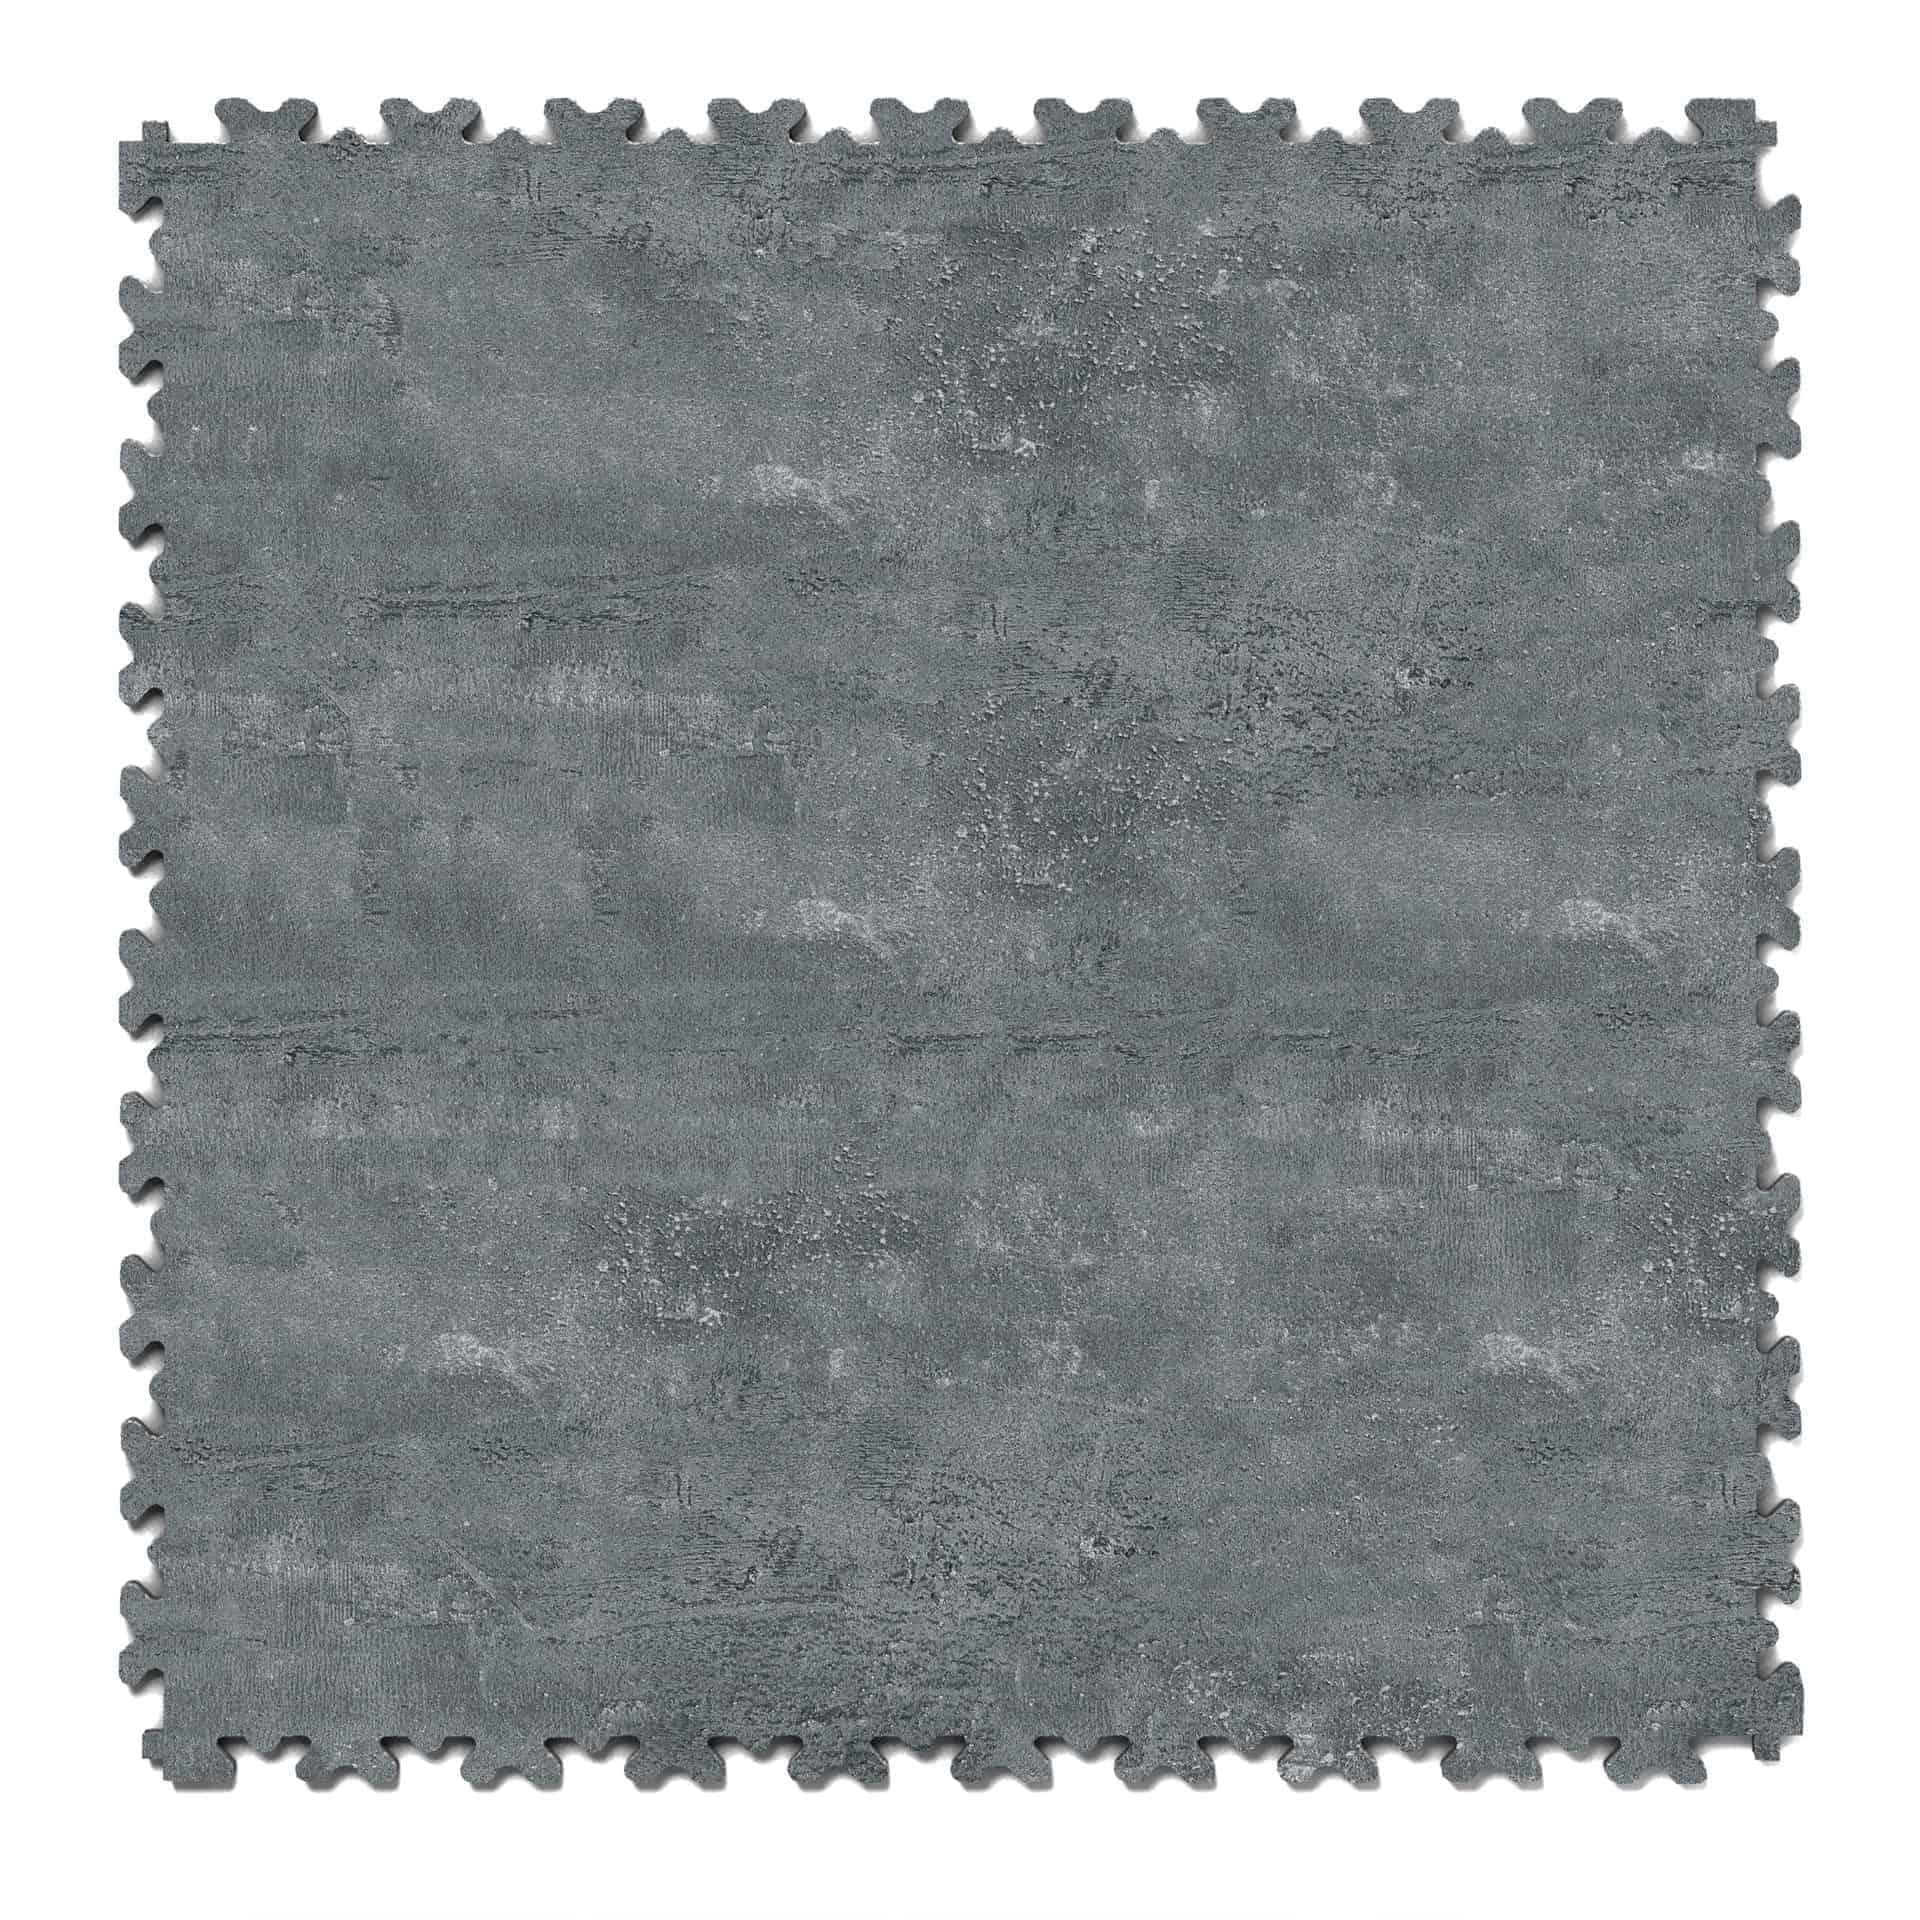 Estampado Concrete Dark